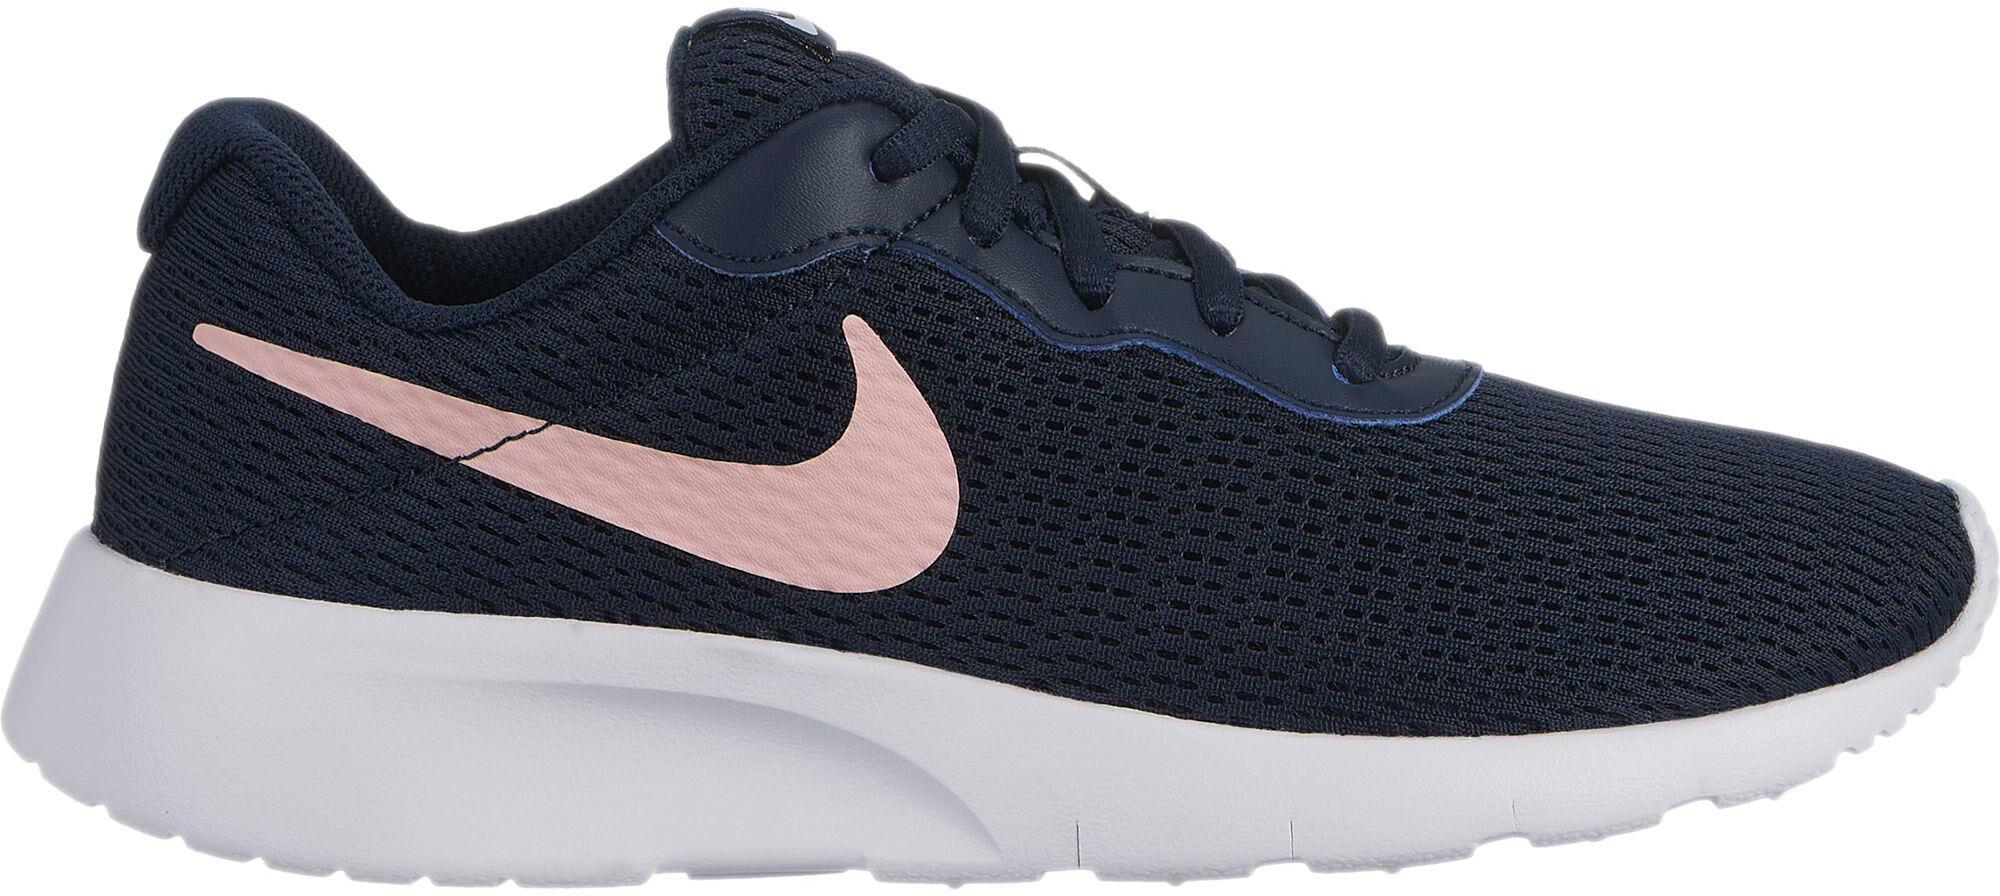 Nike | Tanjun (GS) lány szabadidőcipő | Lány | Utcai cipők